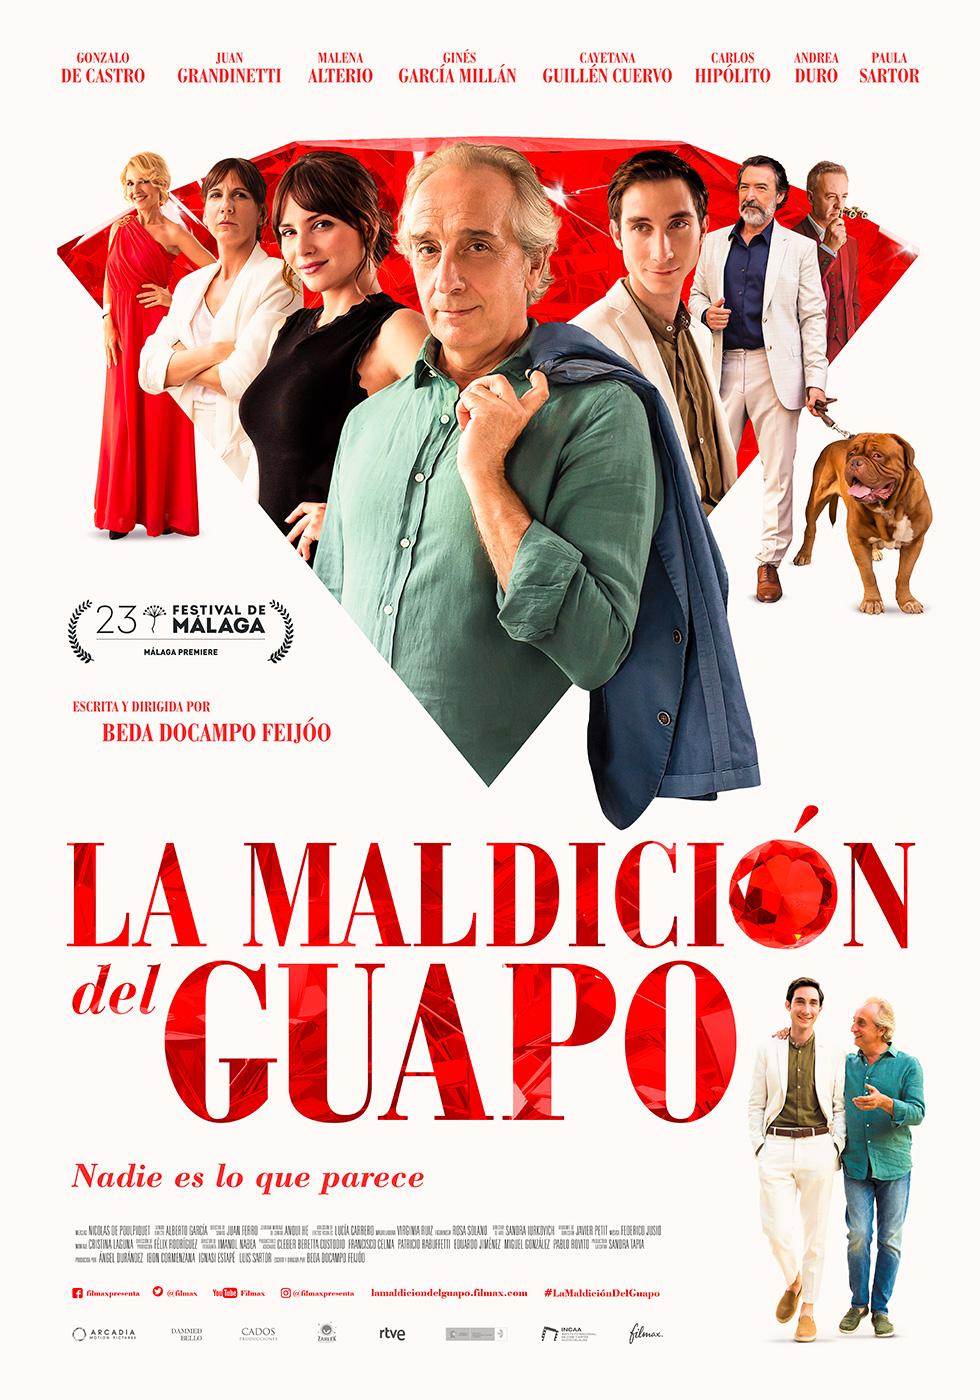 La maldición del guapo, estreno en el Festival de cine de Málaga